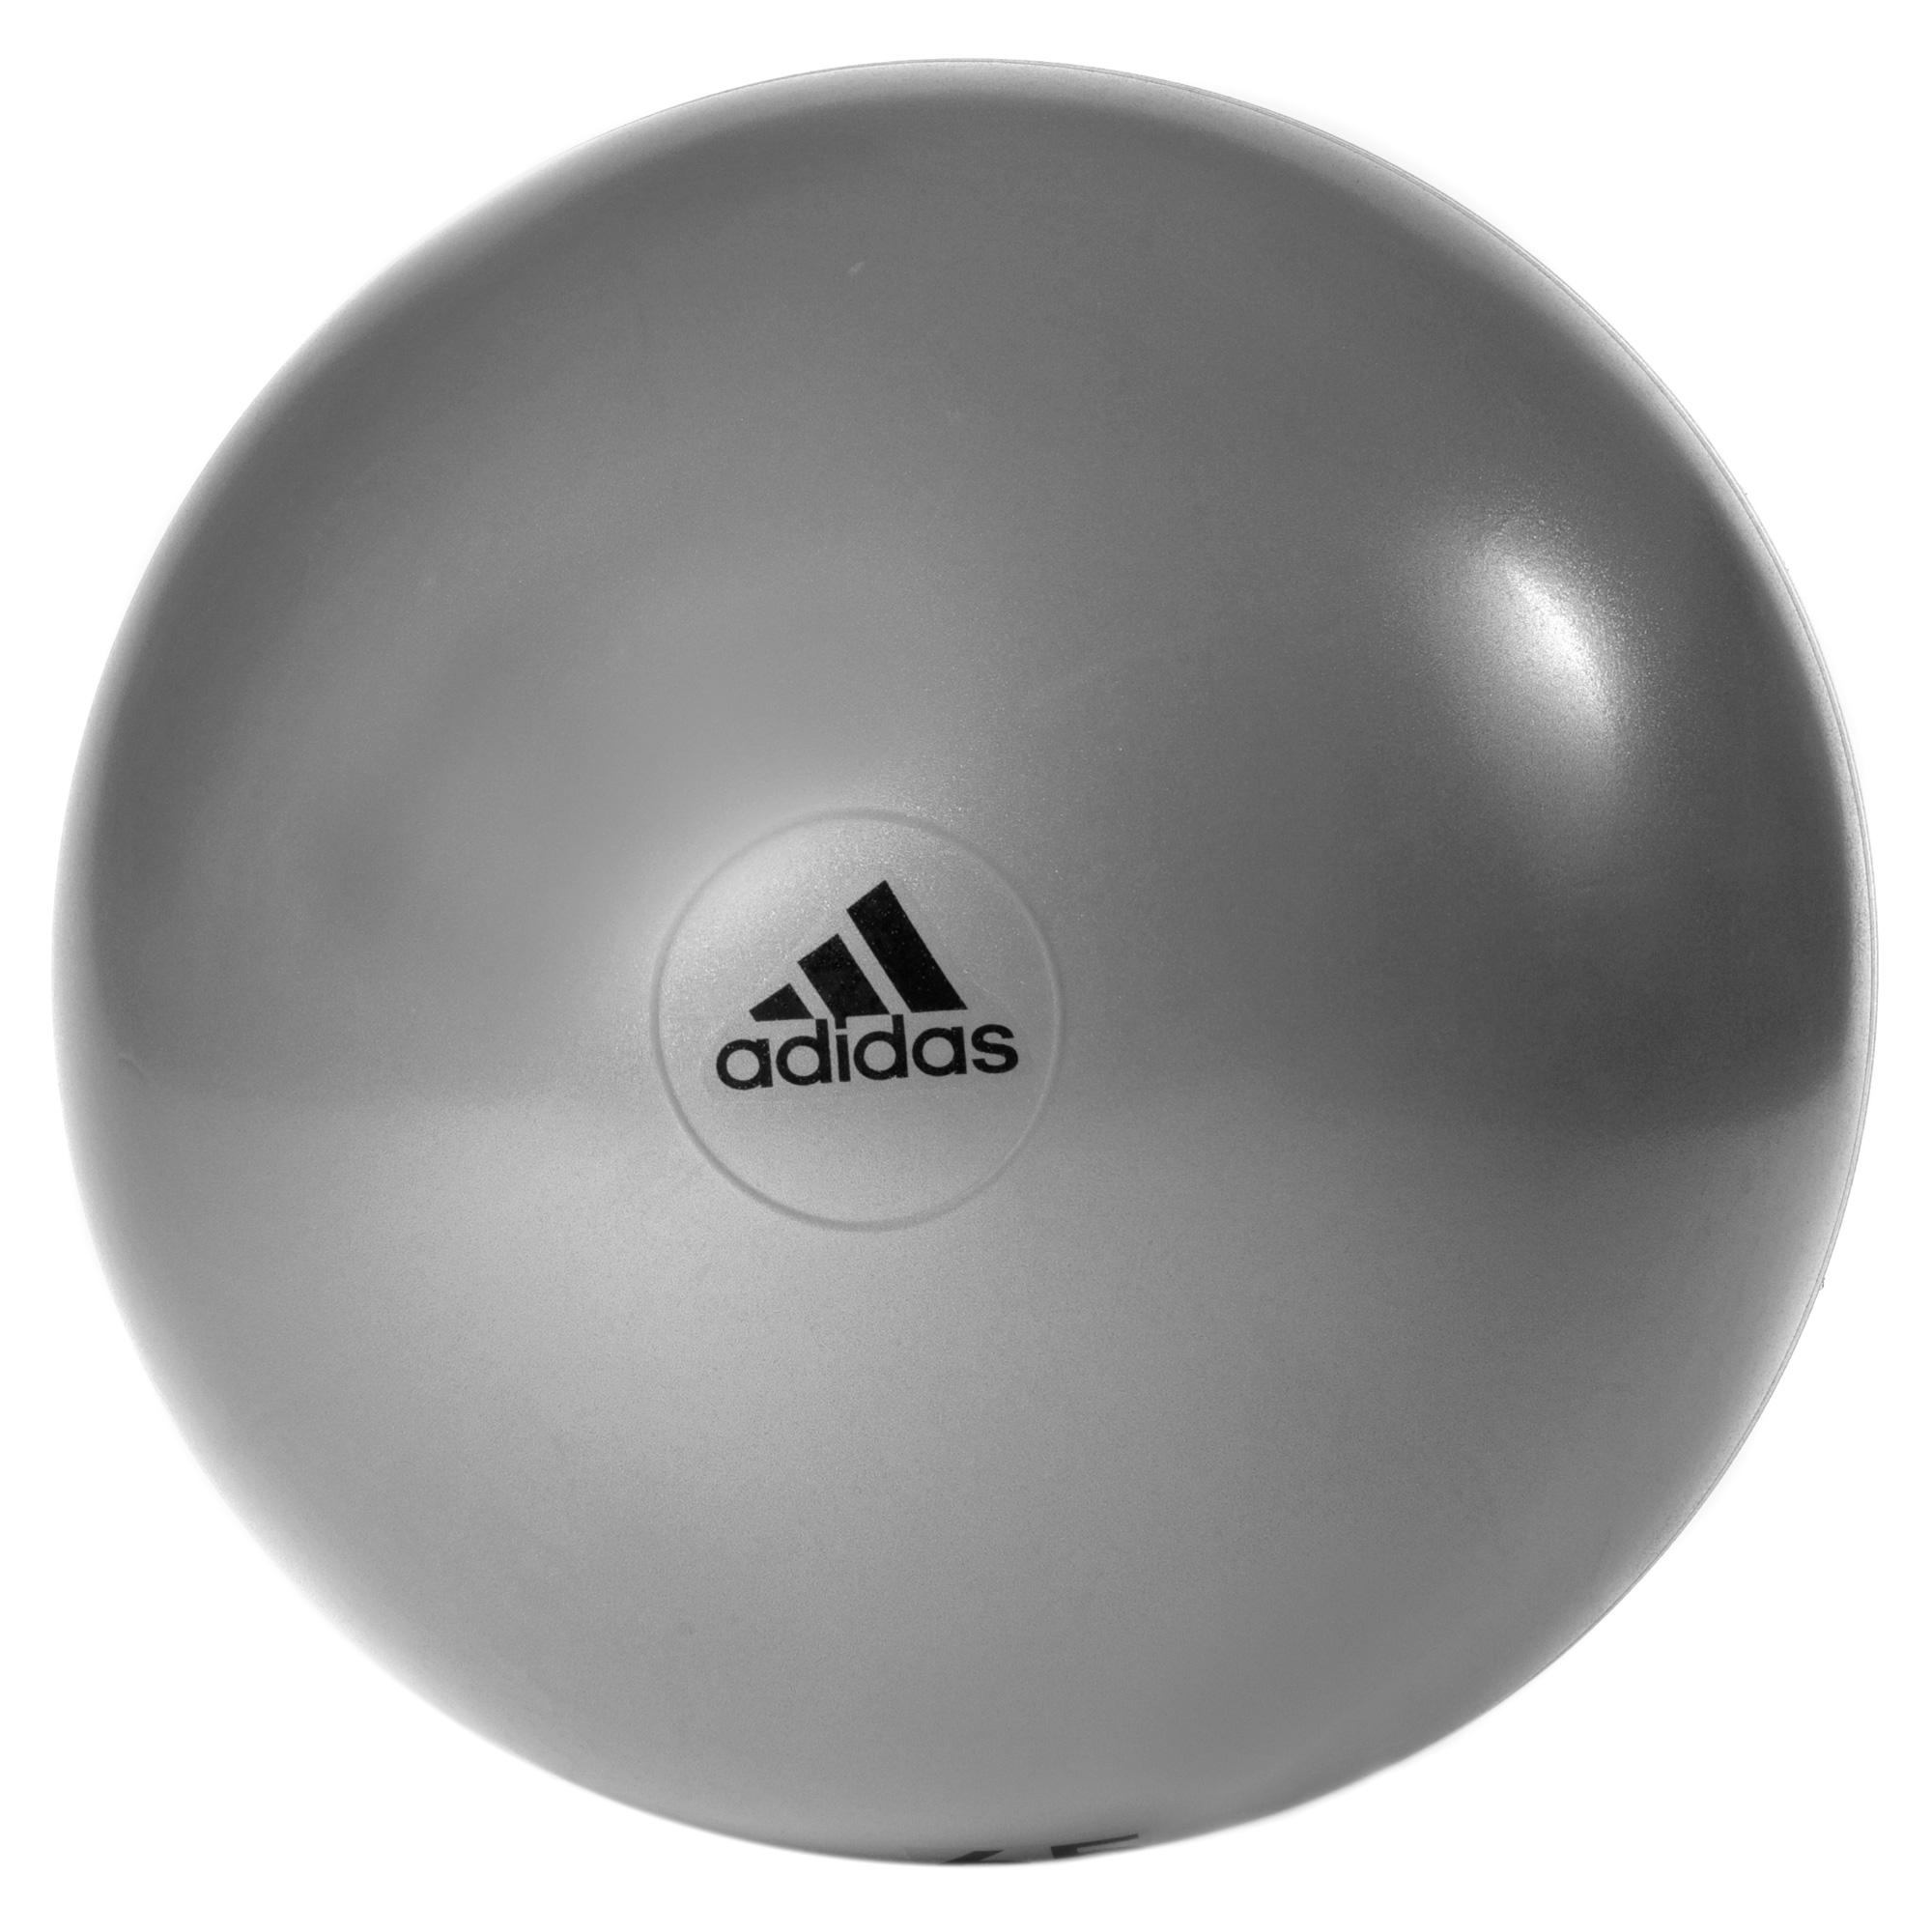 adidas 55cm Gym Ball  Grey